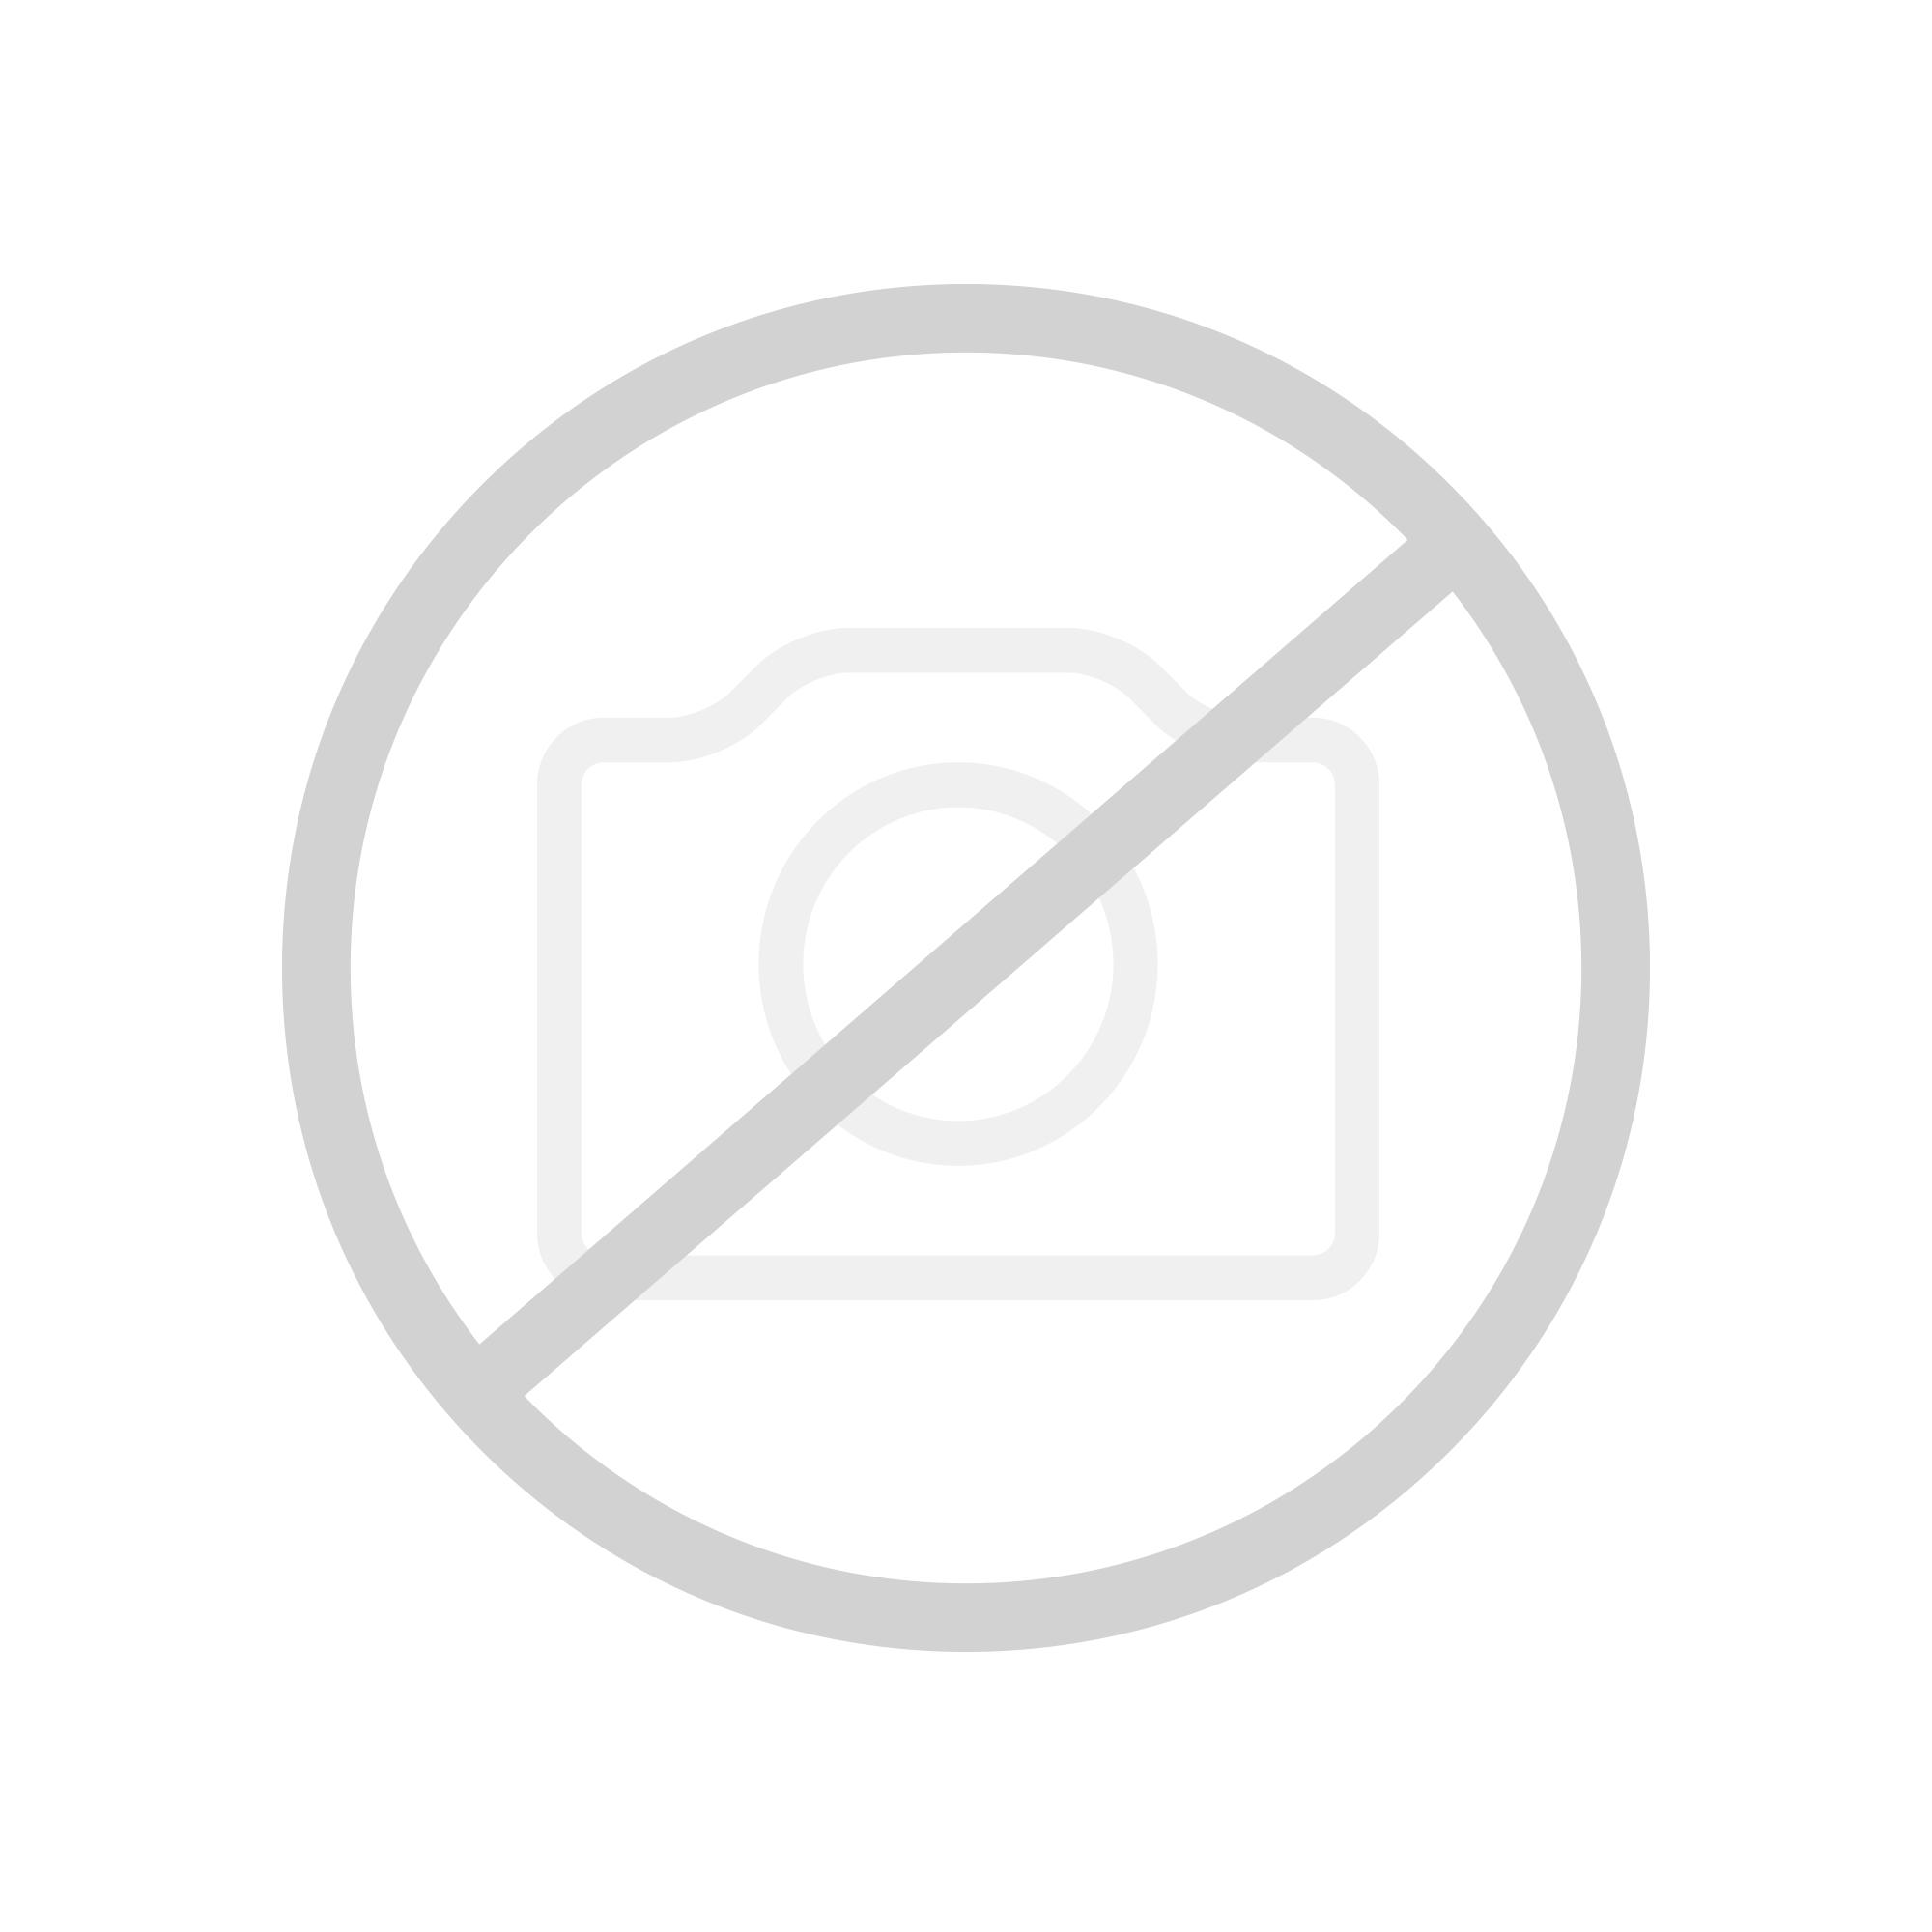 Waschbecken eckig ohne hahnloch  Waschbecken Eckig Ohne Hahnloch | gispatcher.com